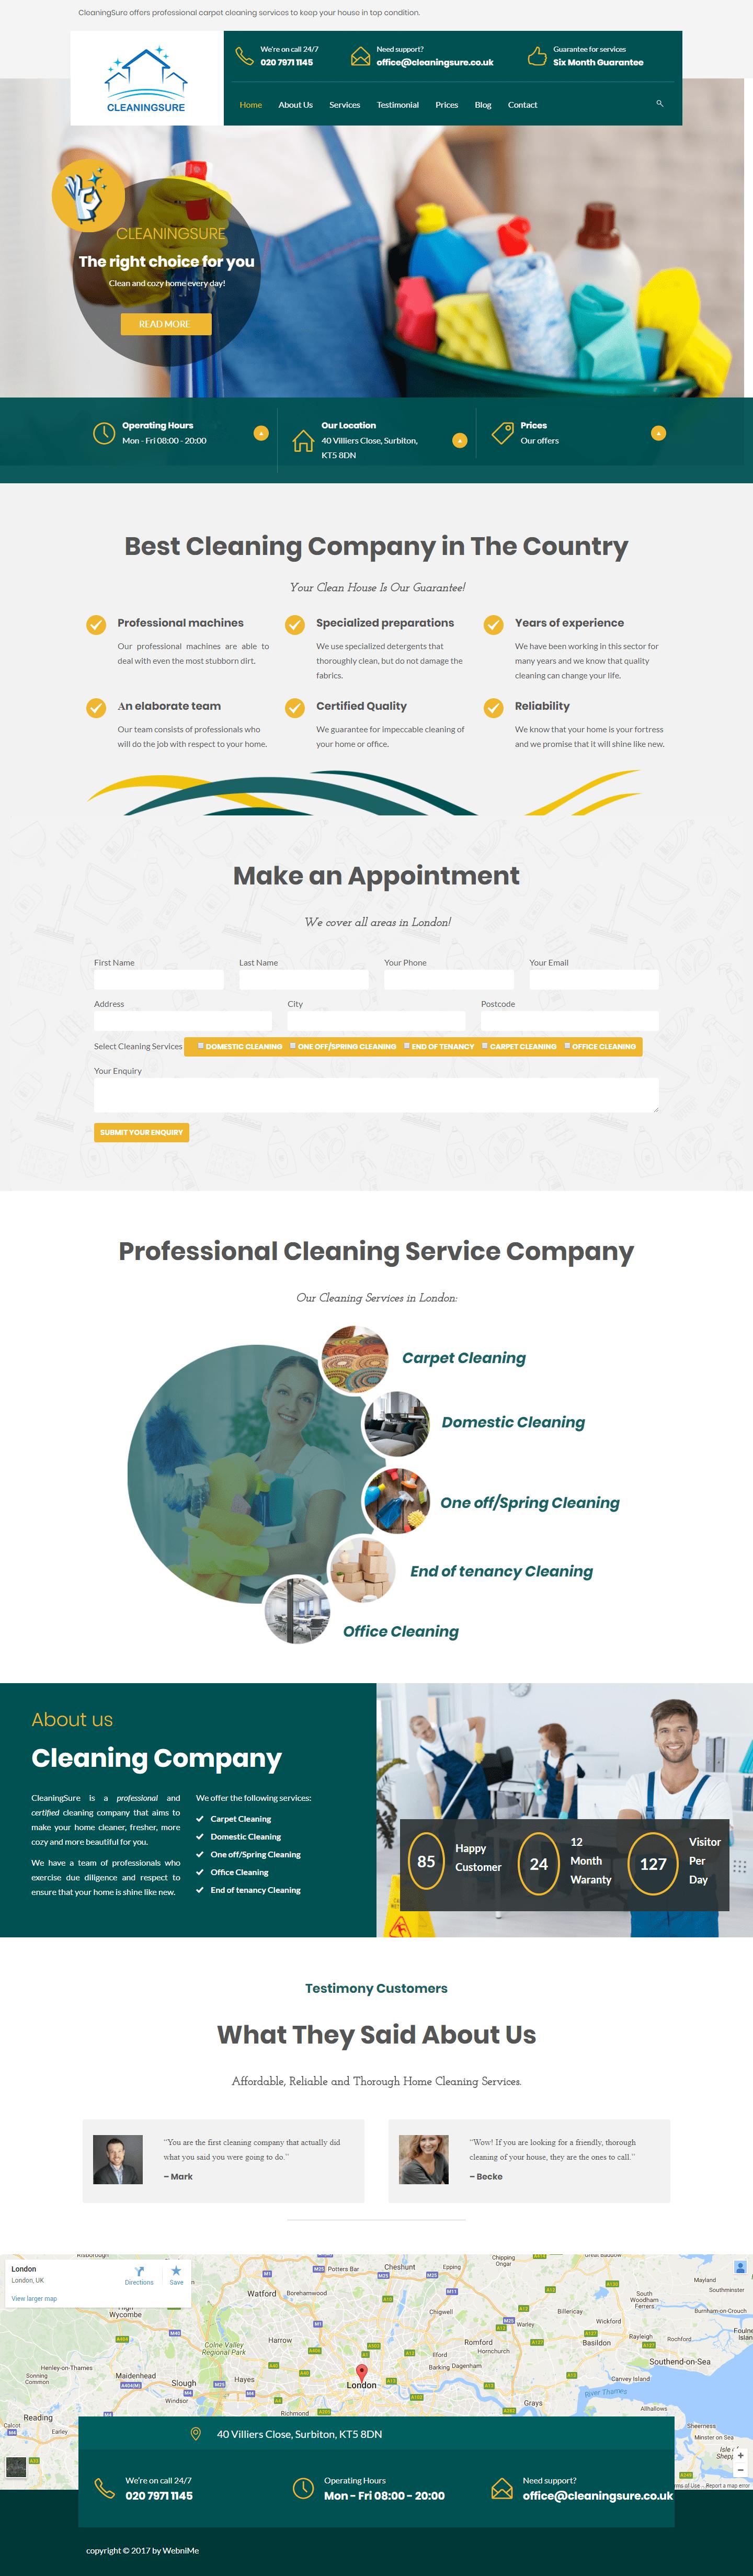 Web sajt za usluge profesionalnog čišćenja